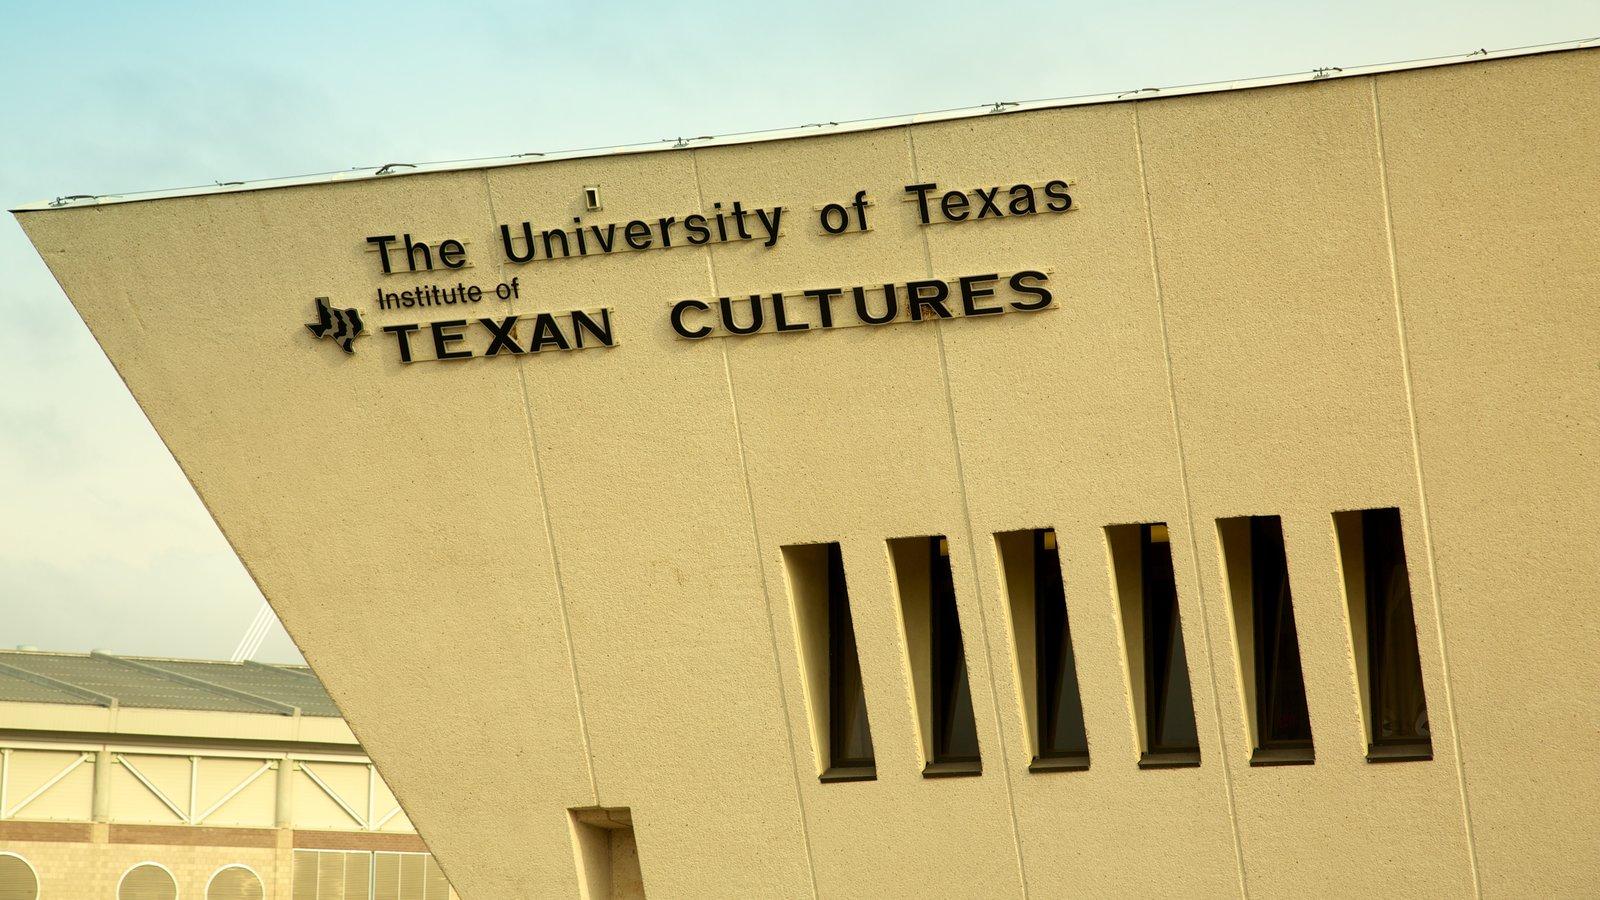 Institute of Texan Cultures que inclui arquitetura moderna, sinalização e uma cidade